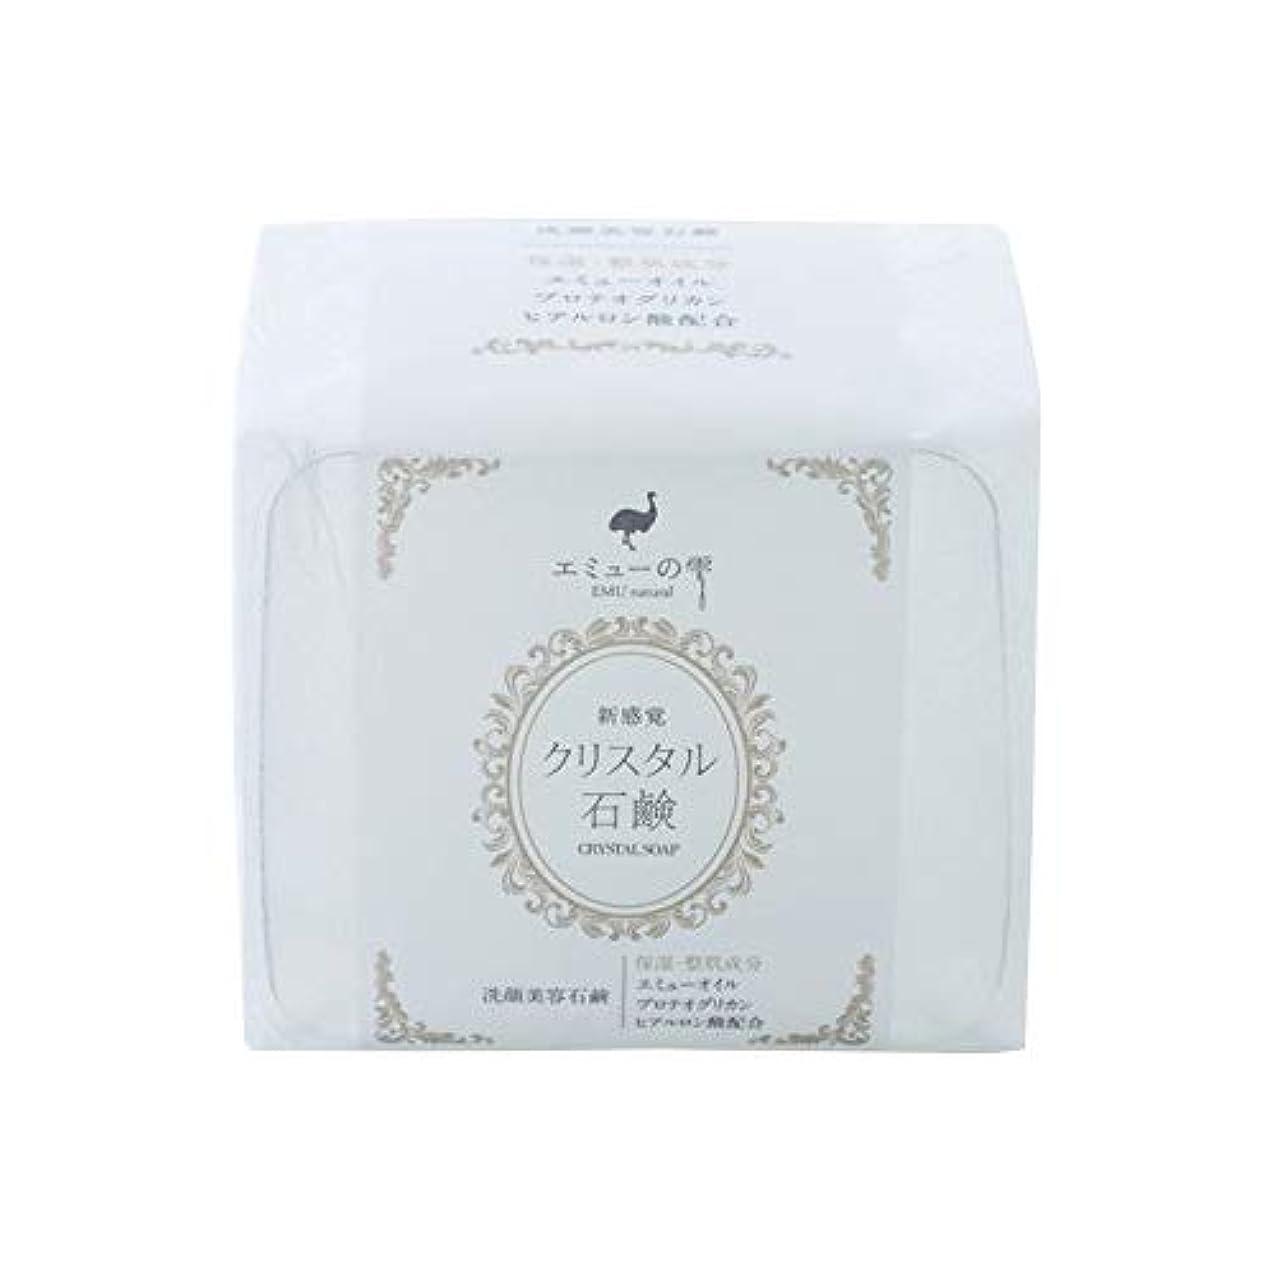 繊毛ポイントヨーロッパエミューの雫 クリスタル石鹸 100g×3個セット